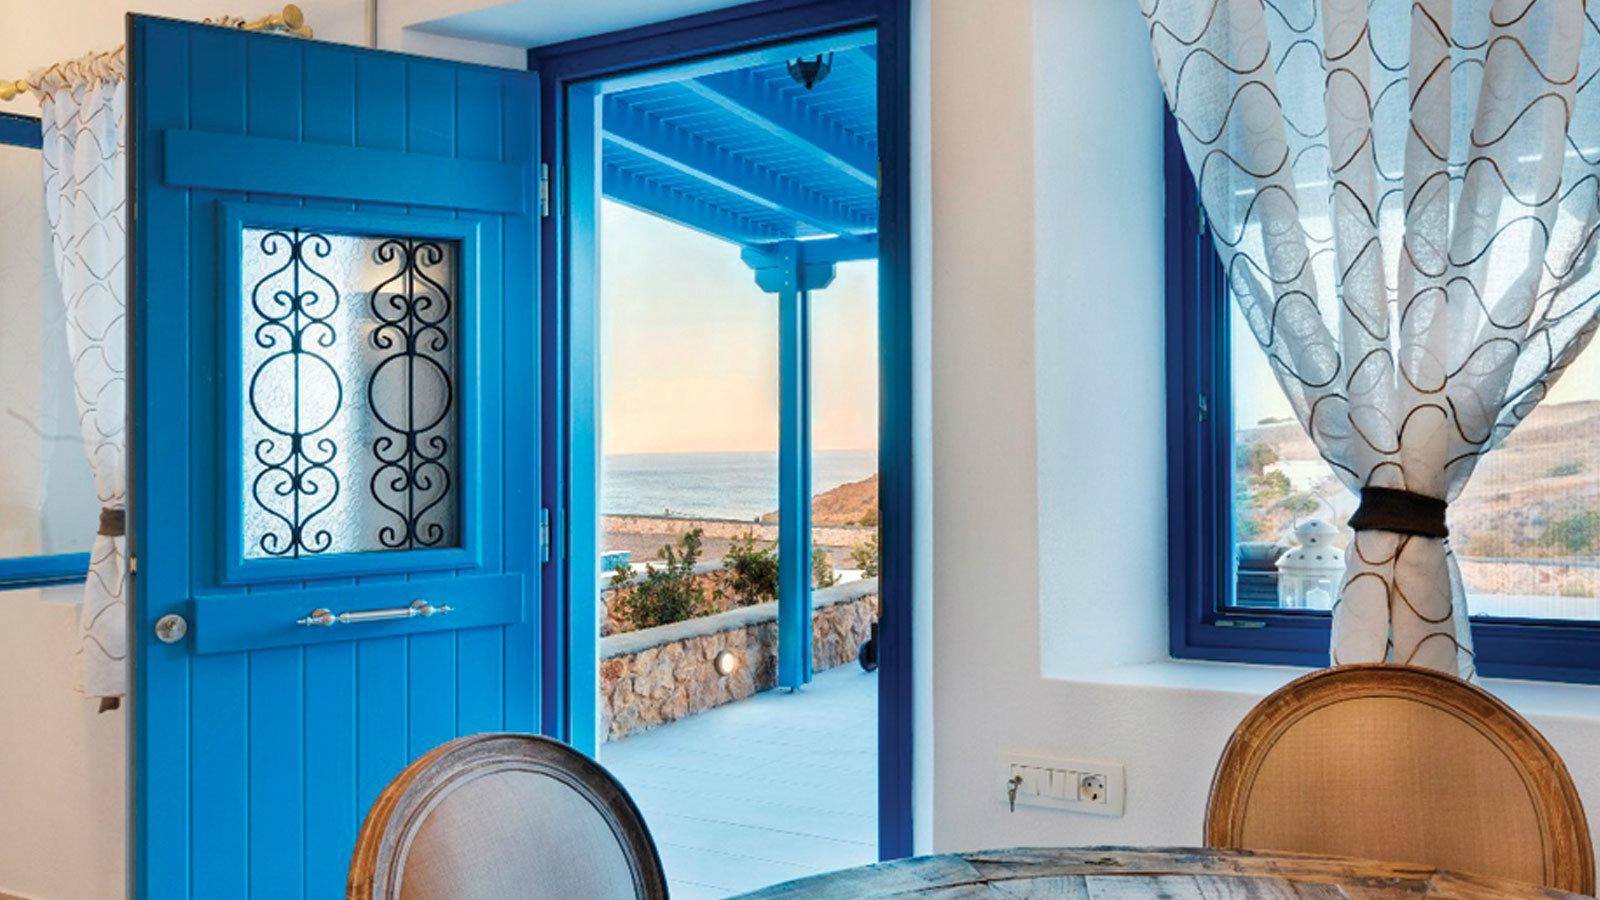 Η εταιρεία δραστηριοποιείται σε όλη την Ελλάδα.